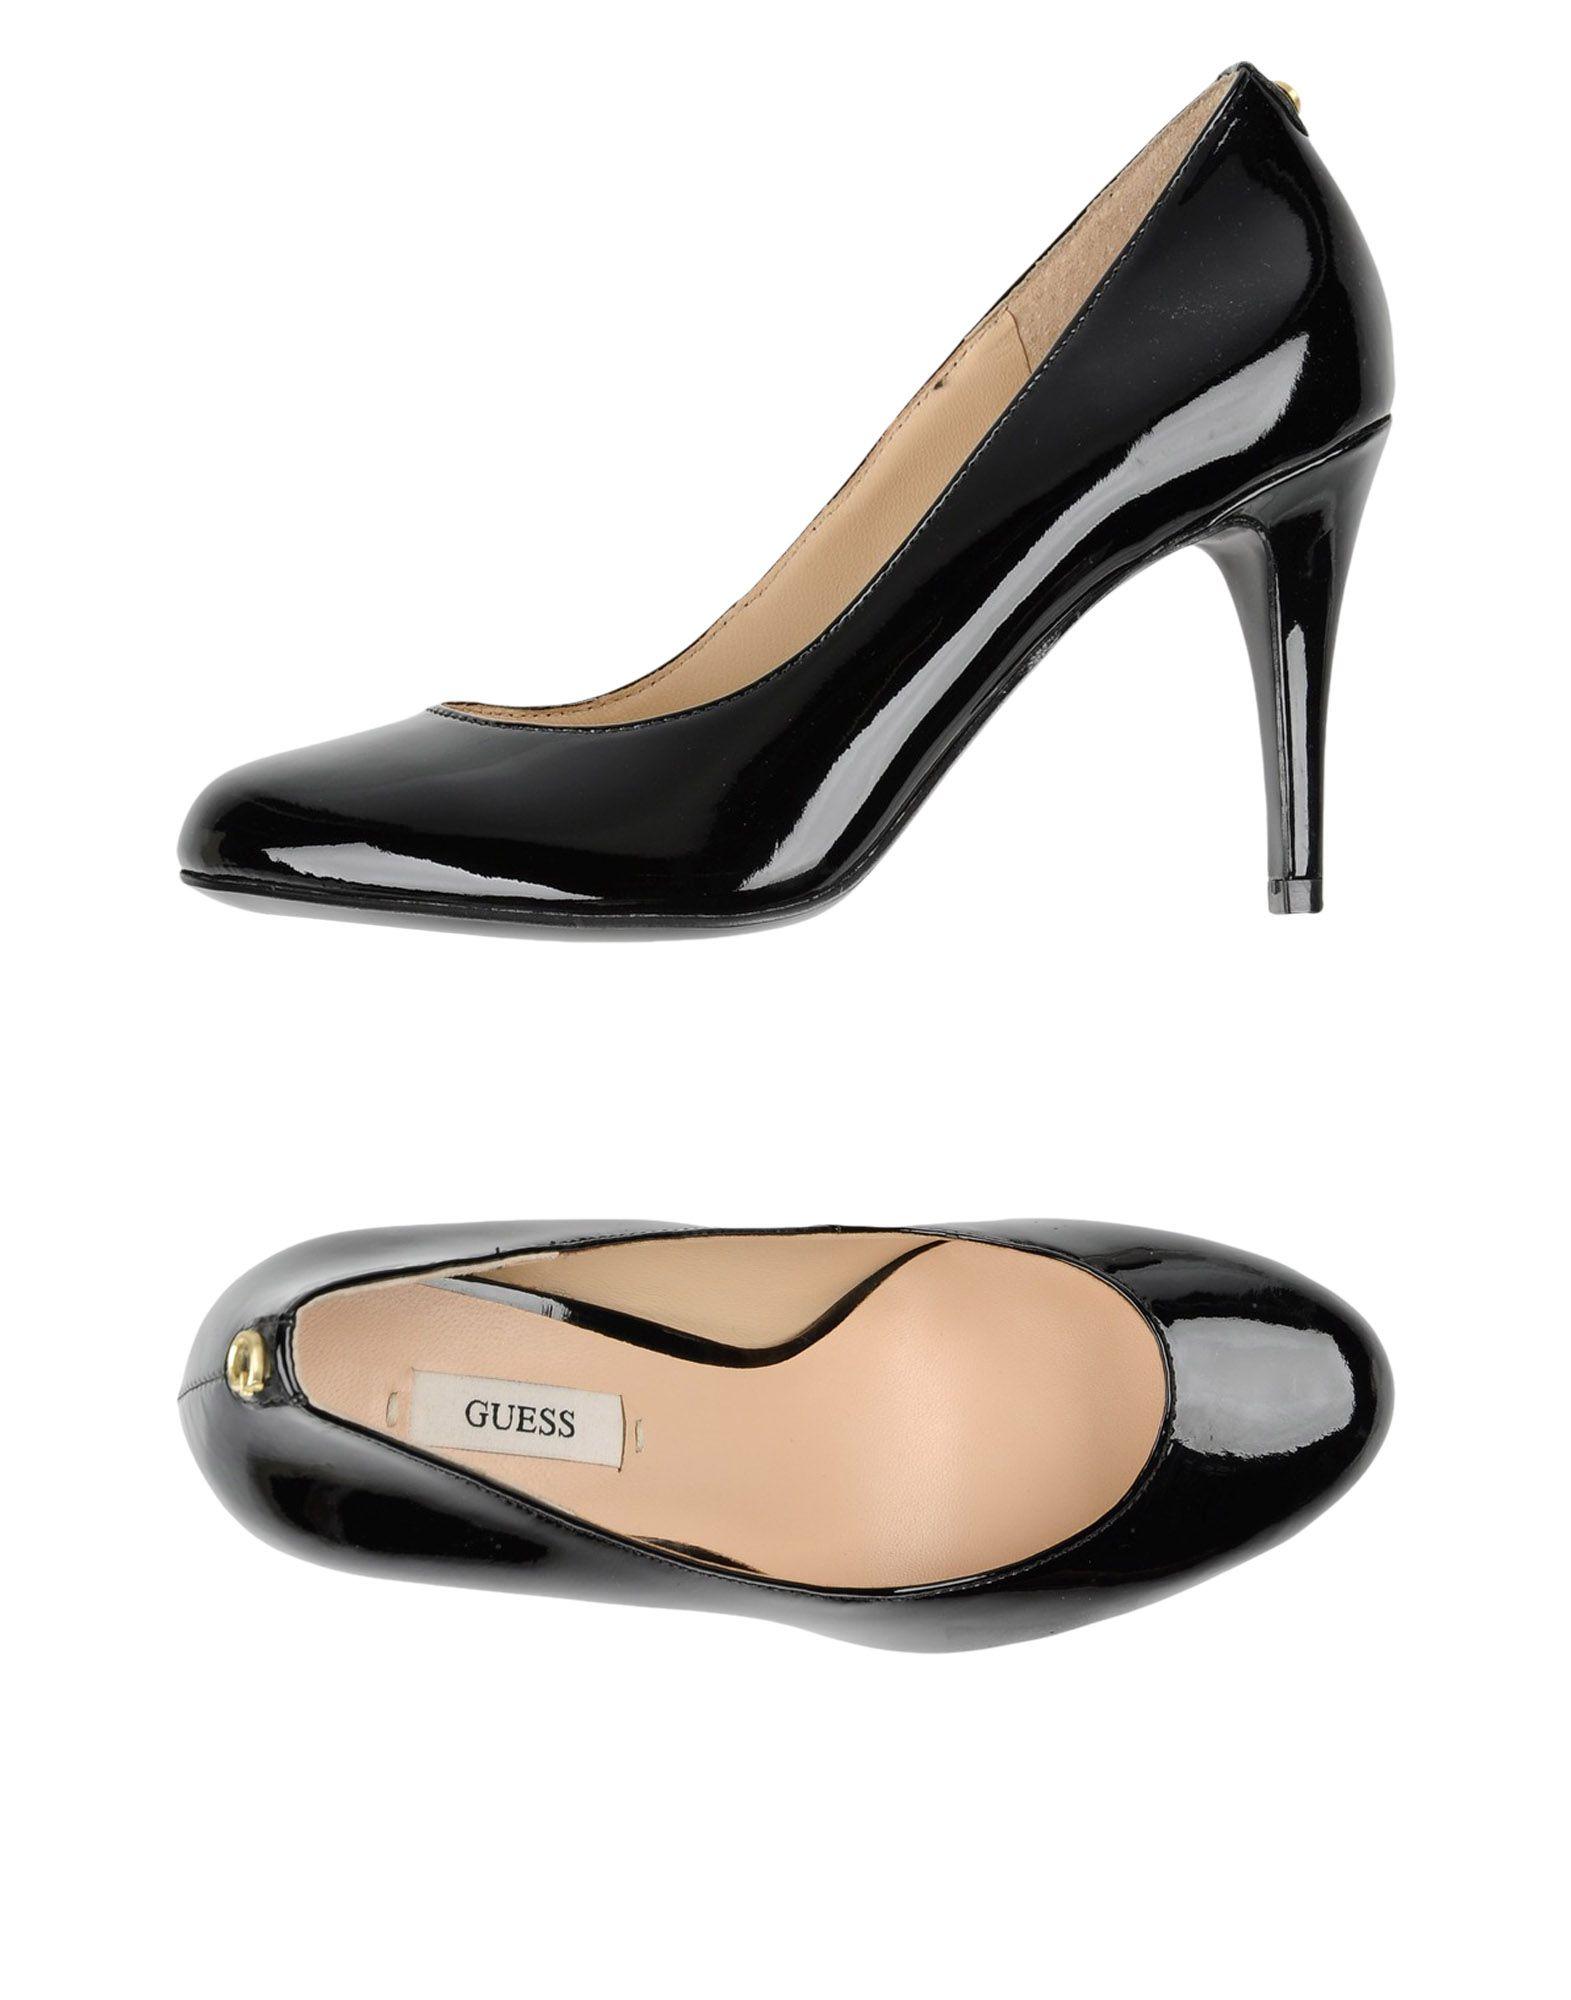 Guess Pumps Qualität Damen  44983426FC Gute Qualität Pumps beliebte Schuhe da17d2